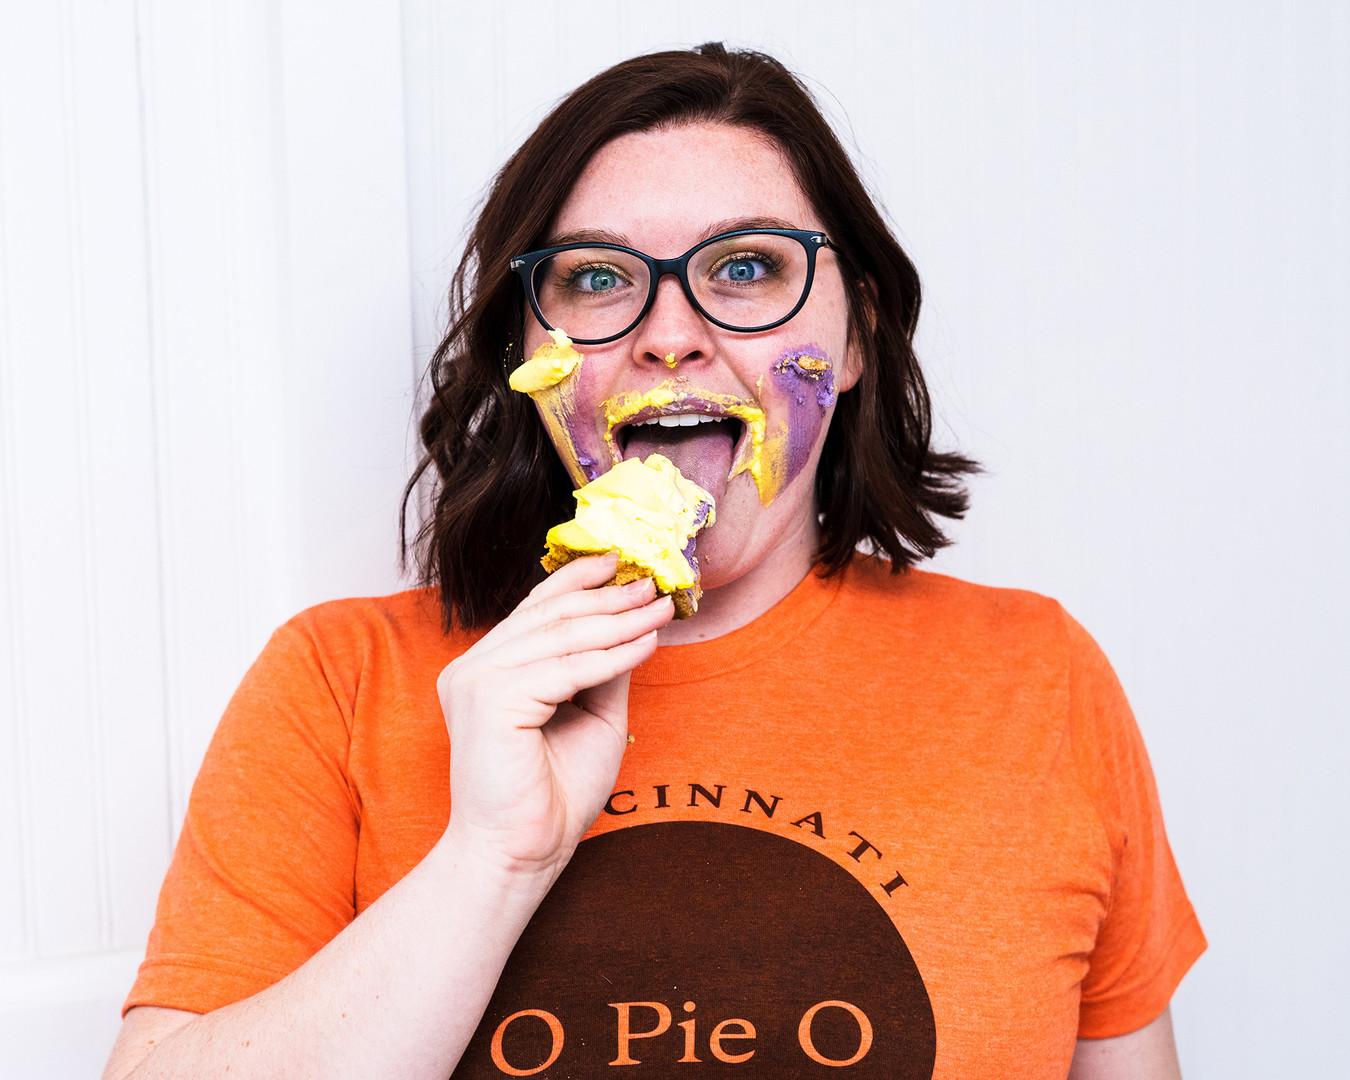 destiny for O Pie O, 2020